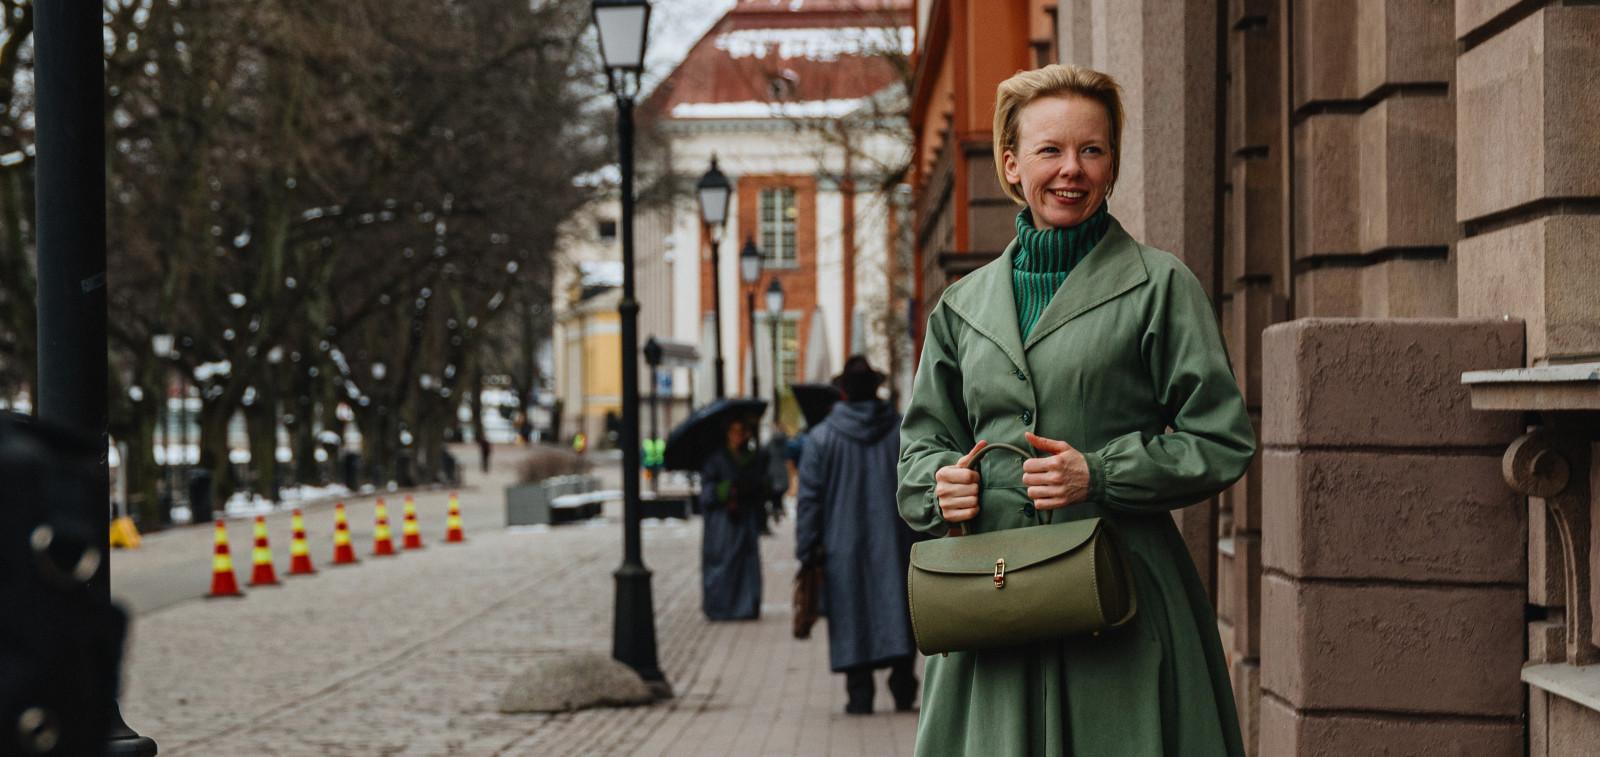 Näyttelijä Alma Pöysti Toven roolissa Turun Vähätorin tuntumaassa, taustalla näkyy Turun pääkirjasto.